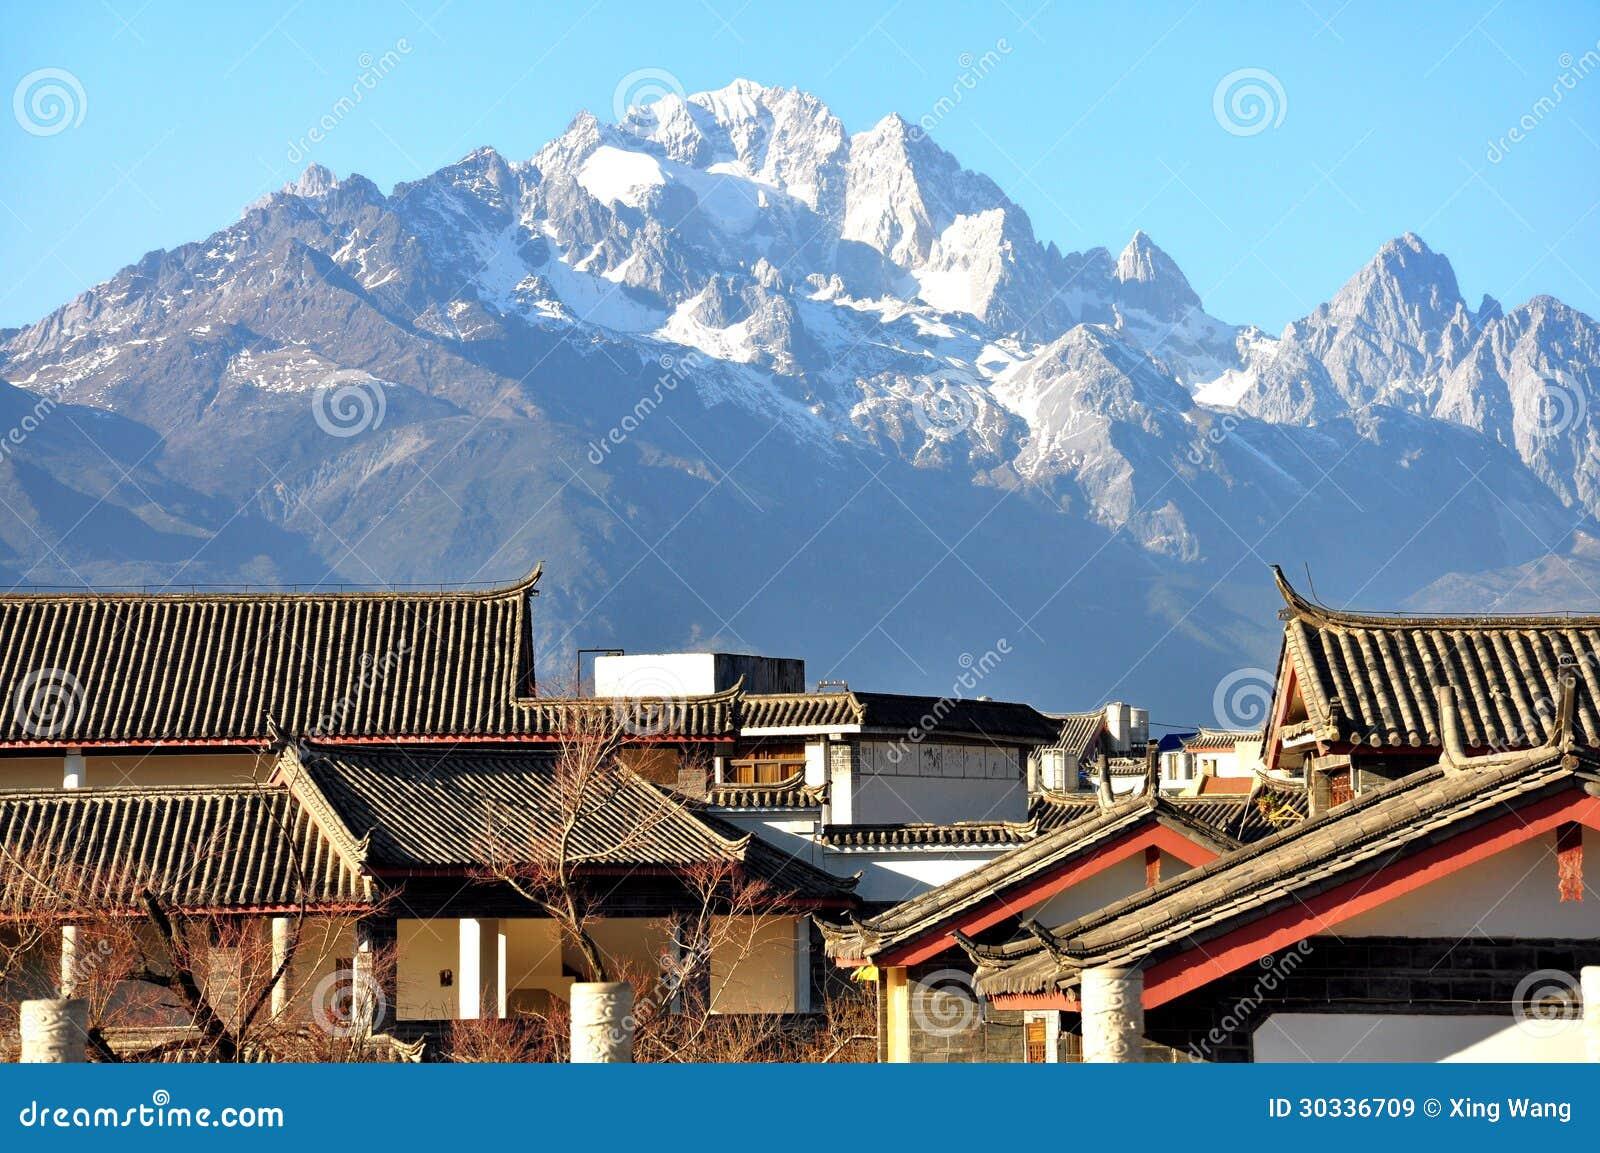 有玉龙雪山的屋顶